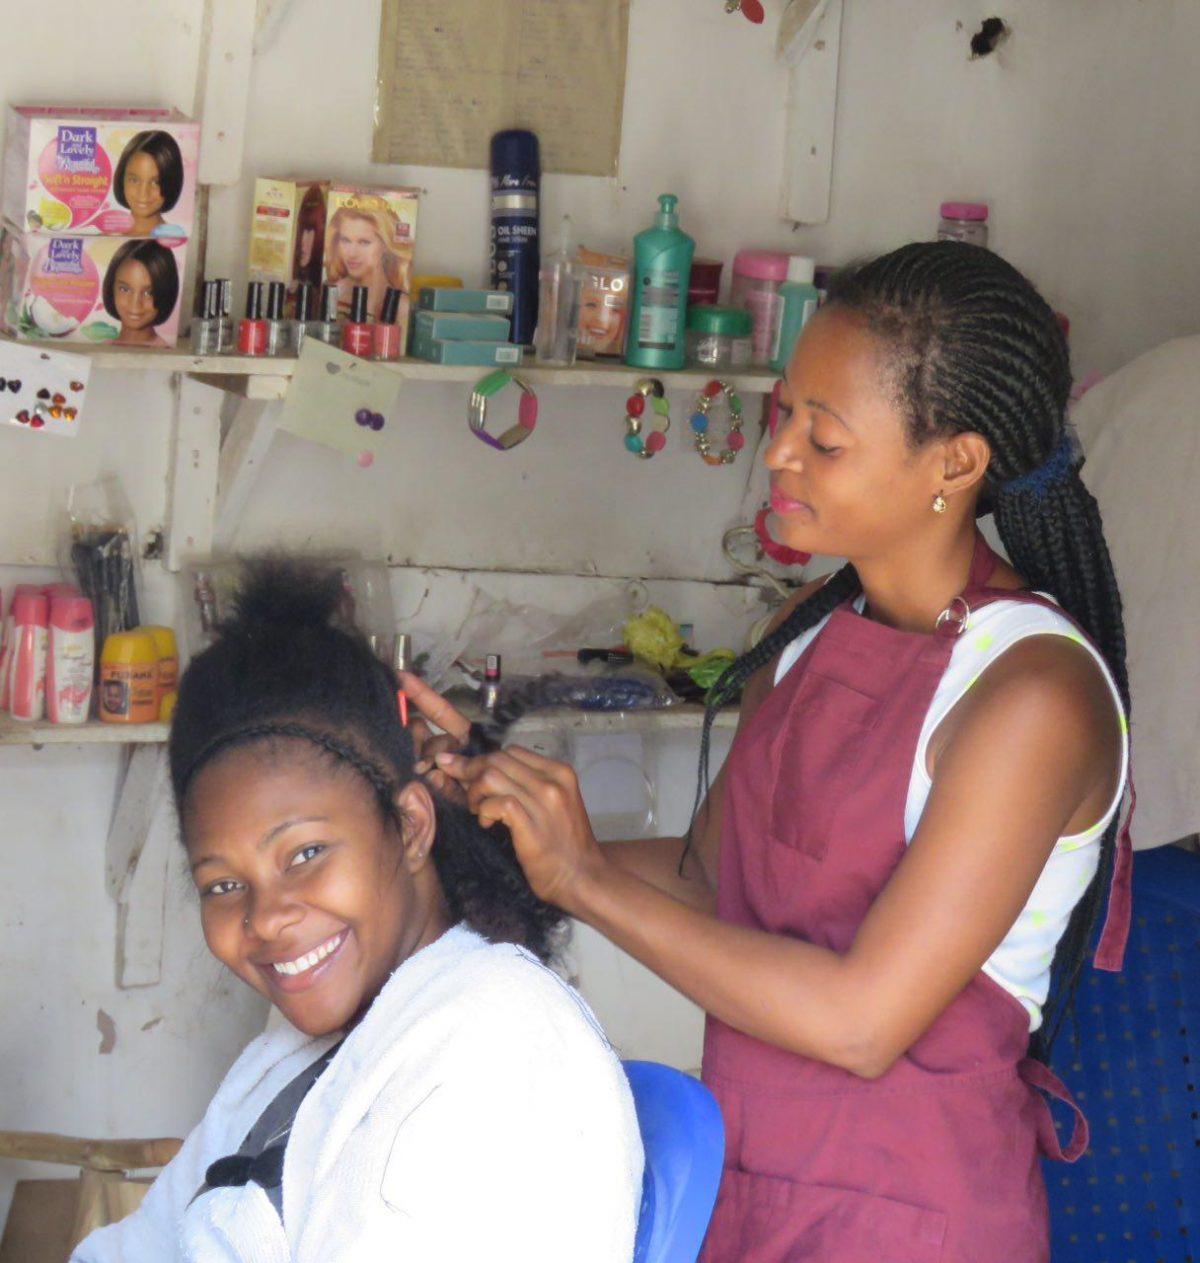 """اما در """"تِ تِ"""" زنها و دختران موهای بلندی دارند و تقریبا همگی با مدل های مختلف آفریقایی موهایشان را بافته اند، اینگونه است که قدم به قدم حتی در بازارهایشان می توانی شاهد هنرنمایی دستان بافنده شان باشی!"""